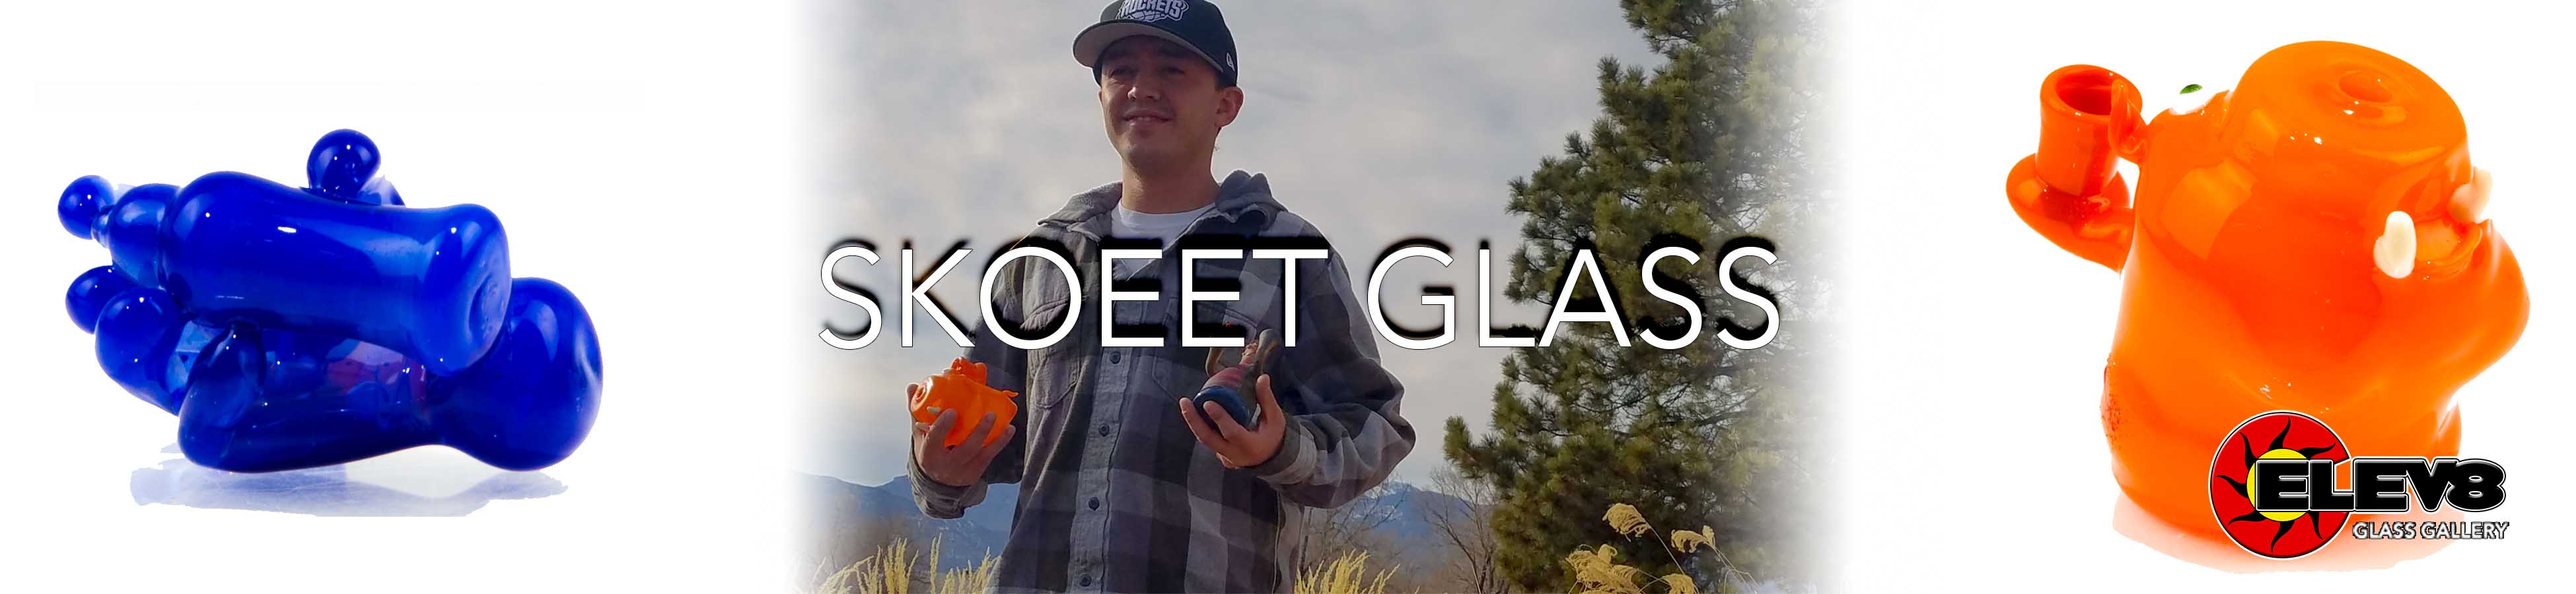 skoeet-glass-web-banner.jpg